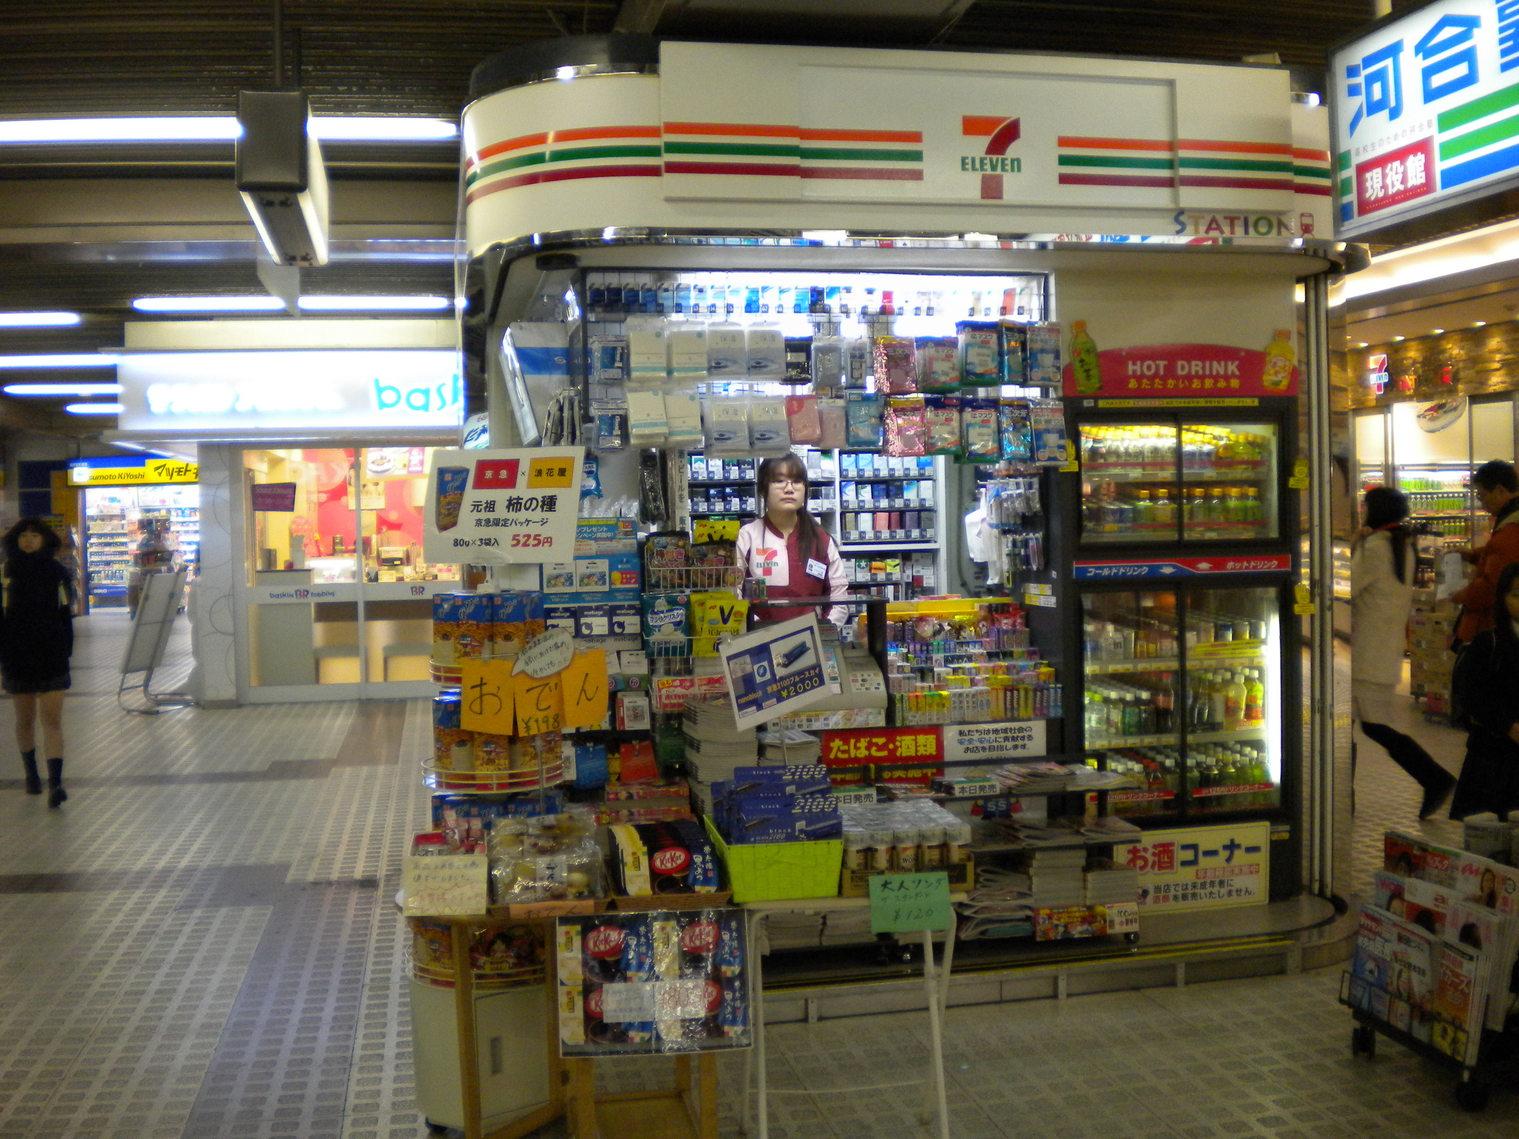 セブンイレブン 京急ST金沢文庫改札前店